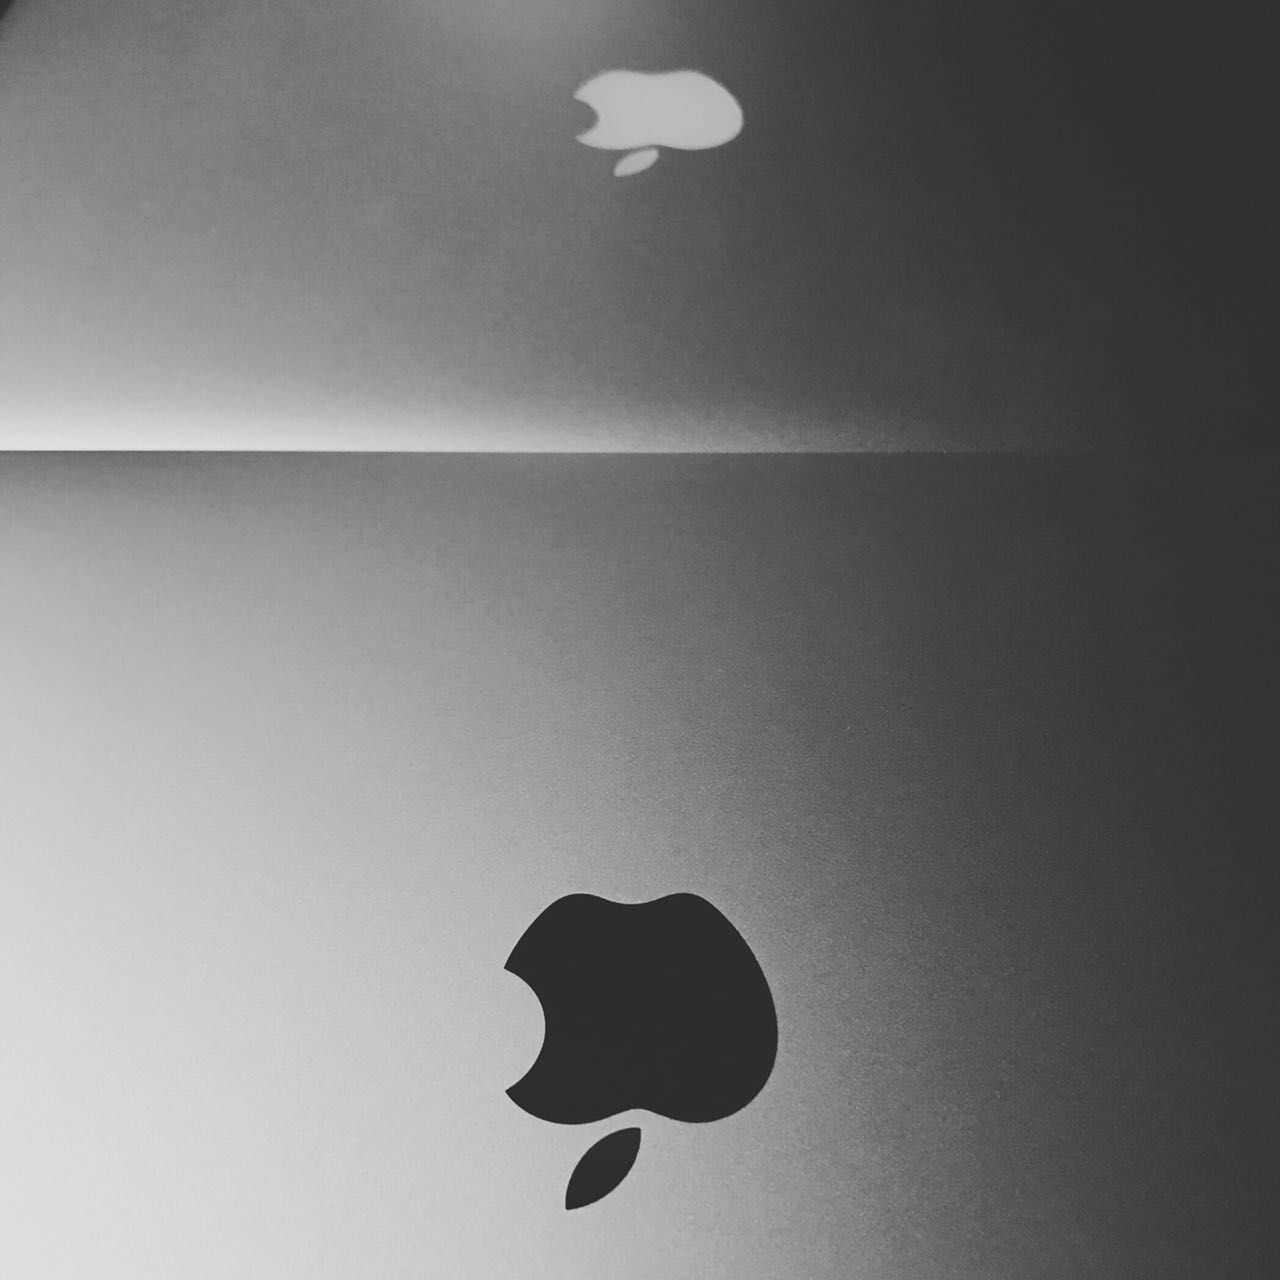 MacBookAir与MacBookPro参数对比_MacBookAir与MacBookPro参数一览